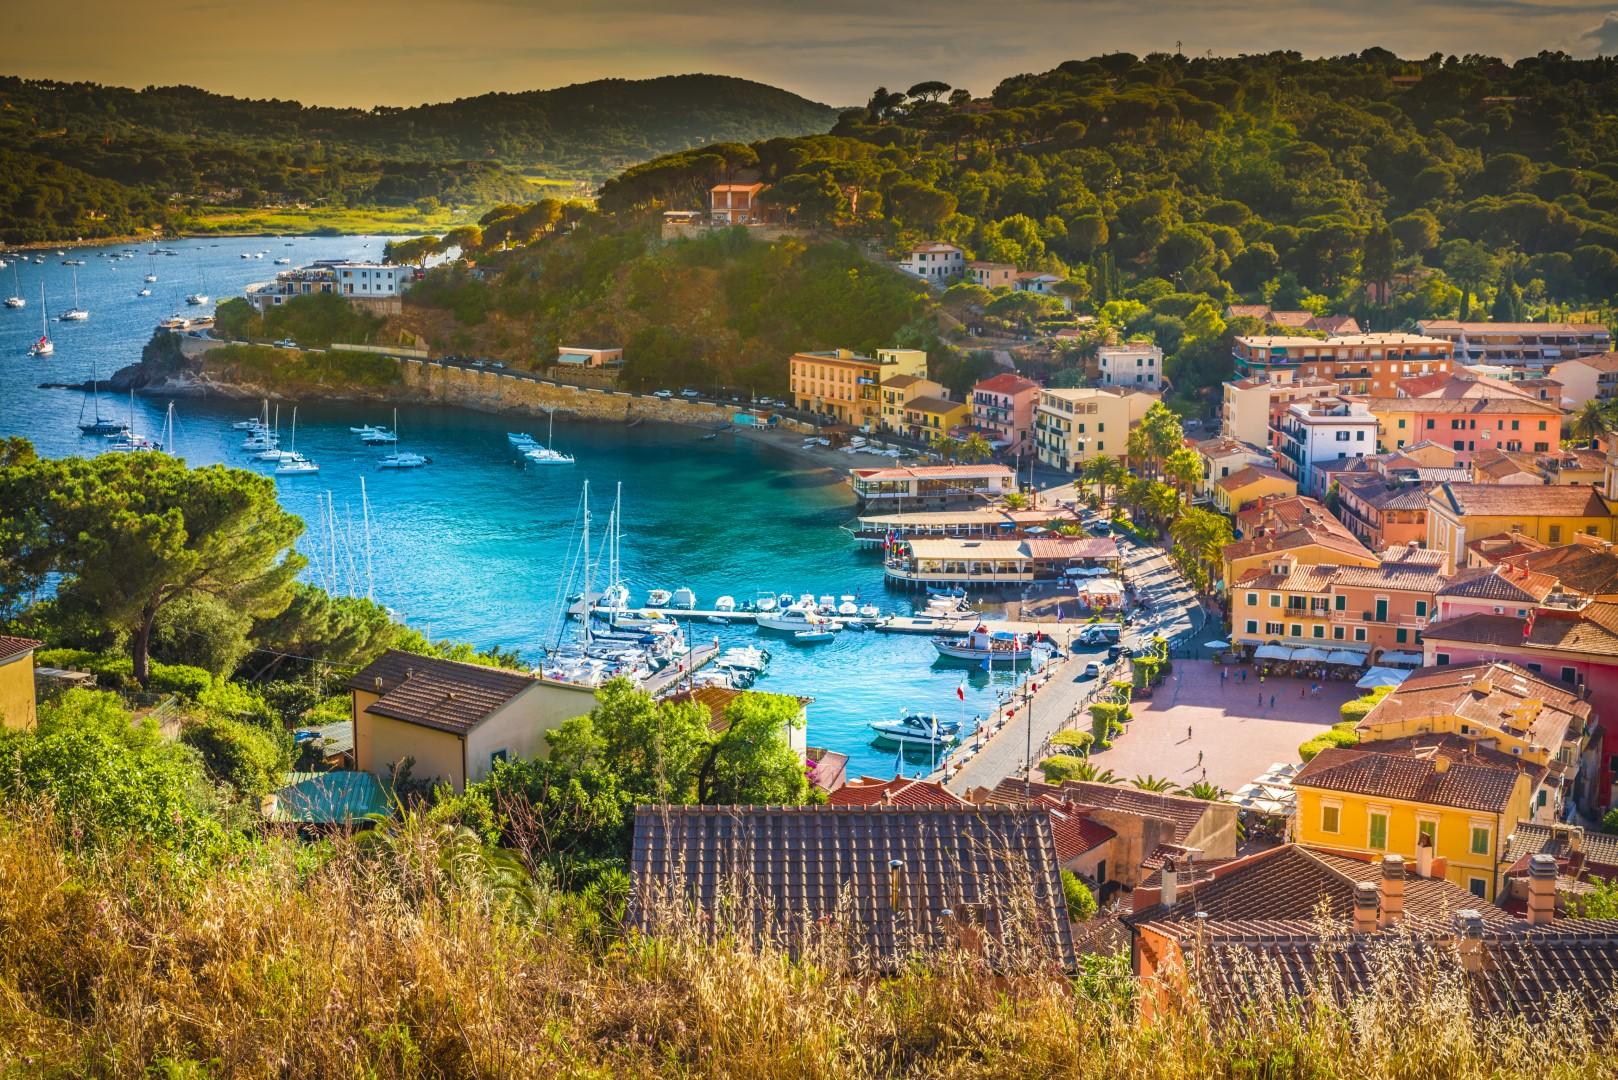 italy-tuscany-elba-porto-azzuro-sailing-charter-yacht-boat-skipper-license